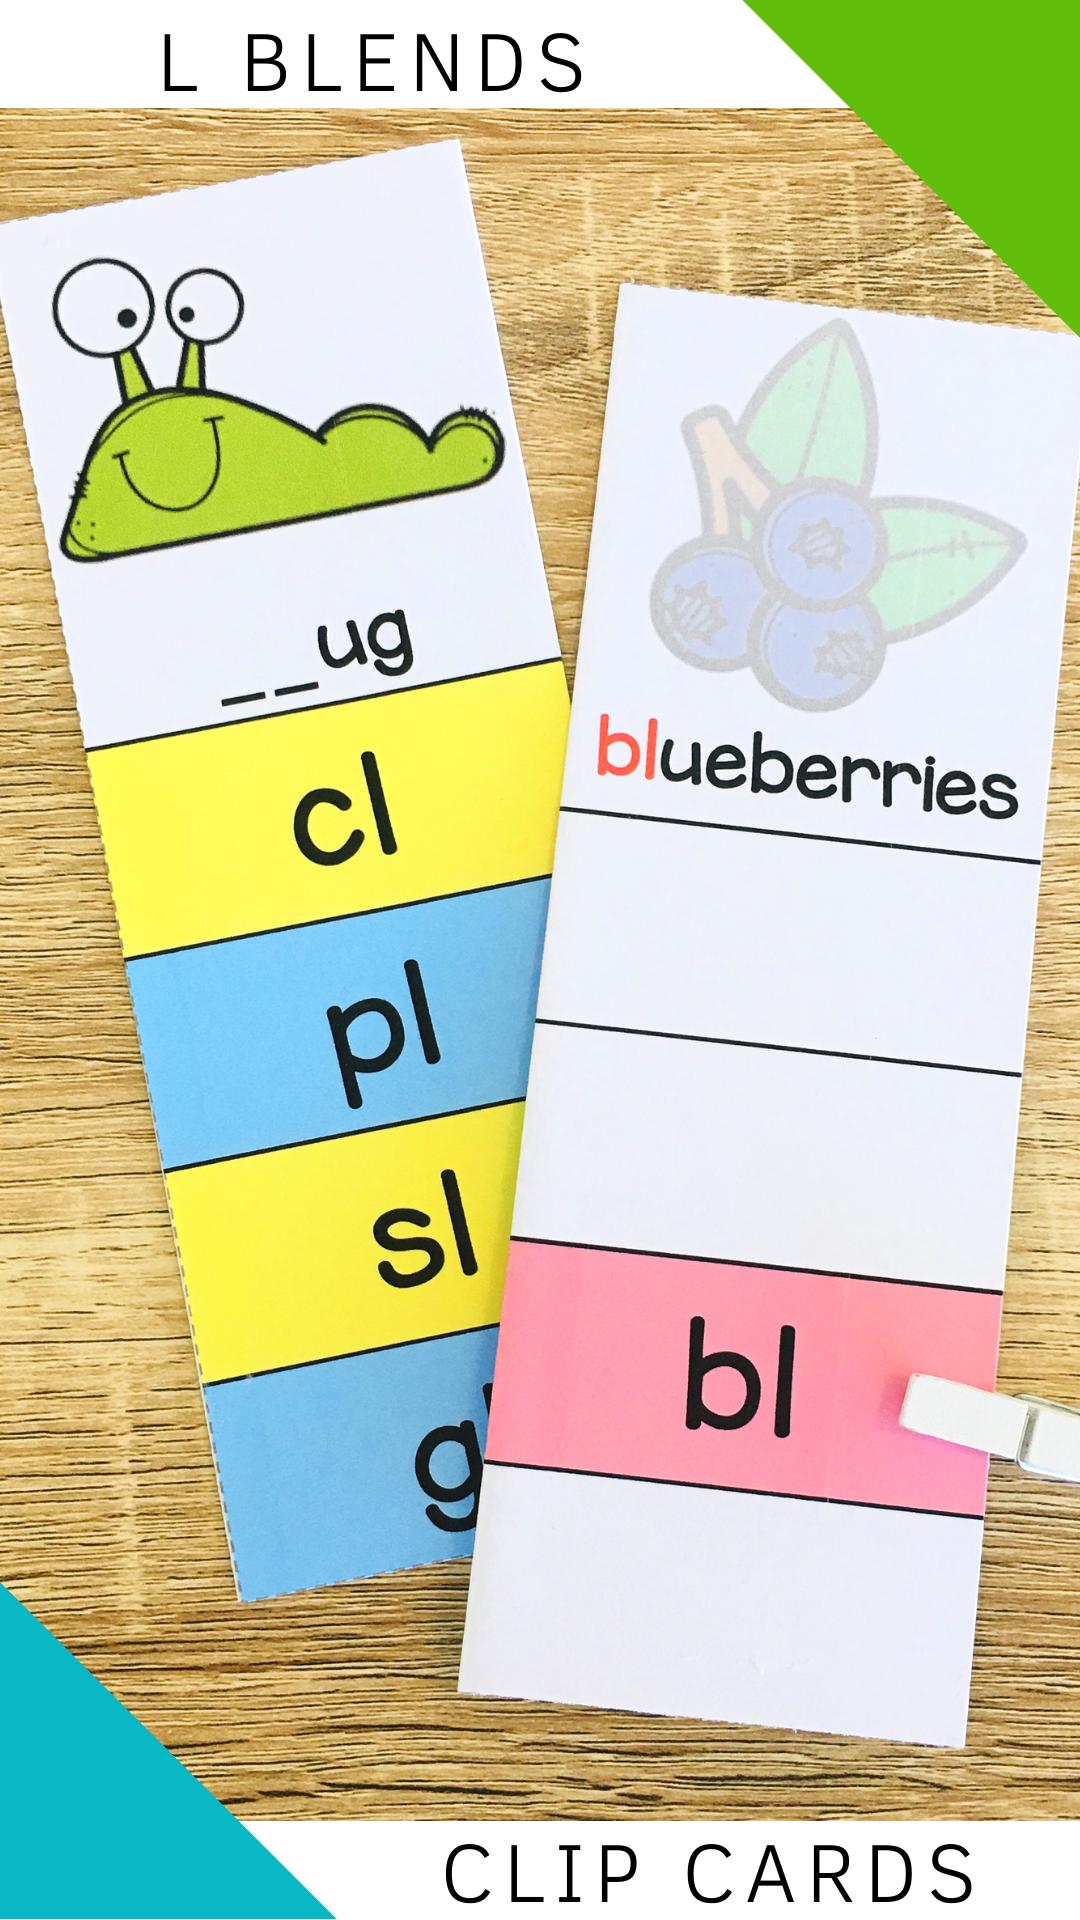 Consonant Blends Clip Cards Poster Worksheet L Blends